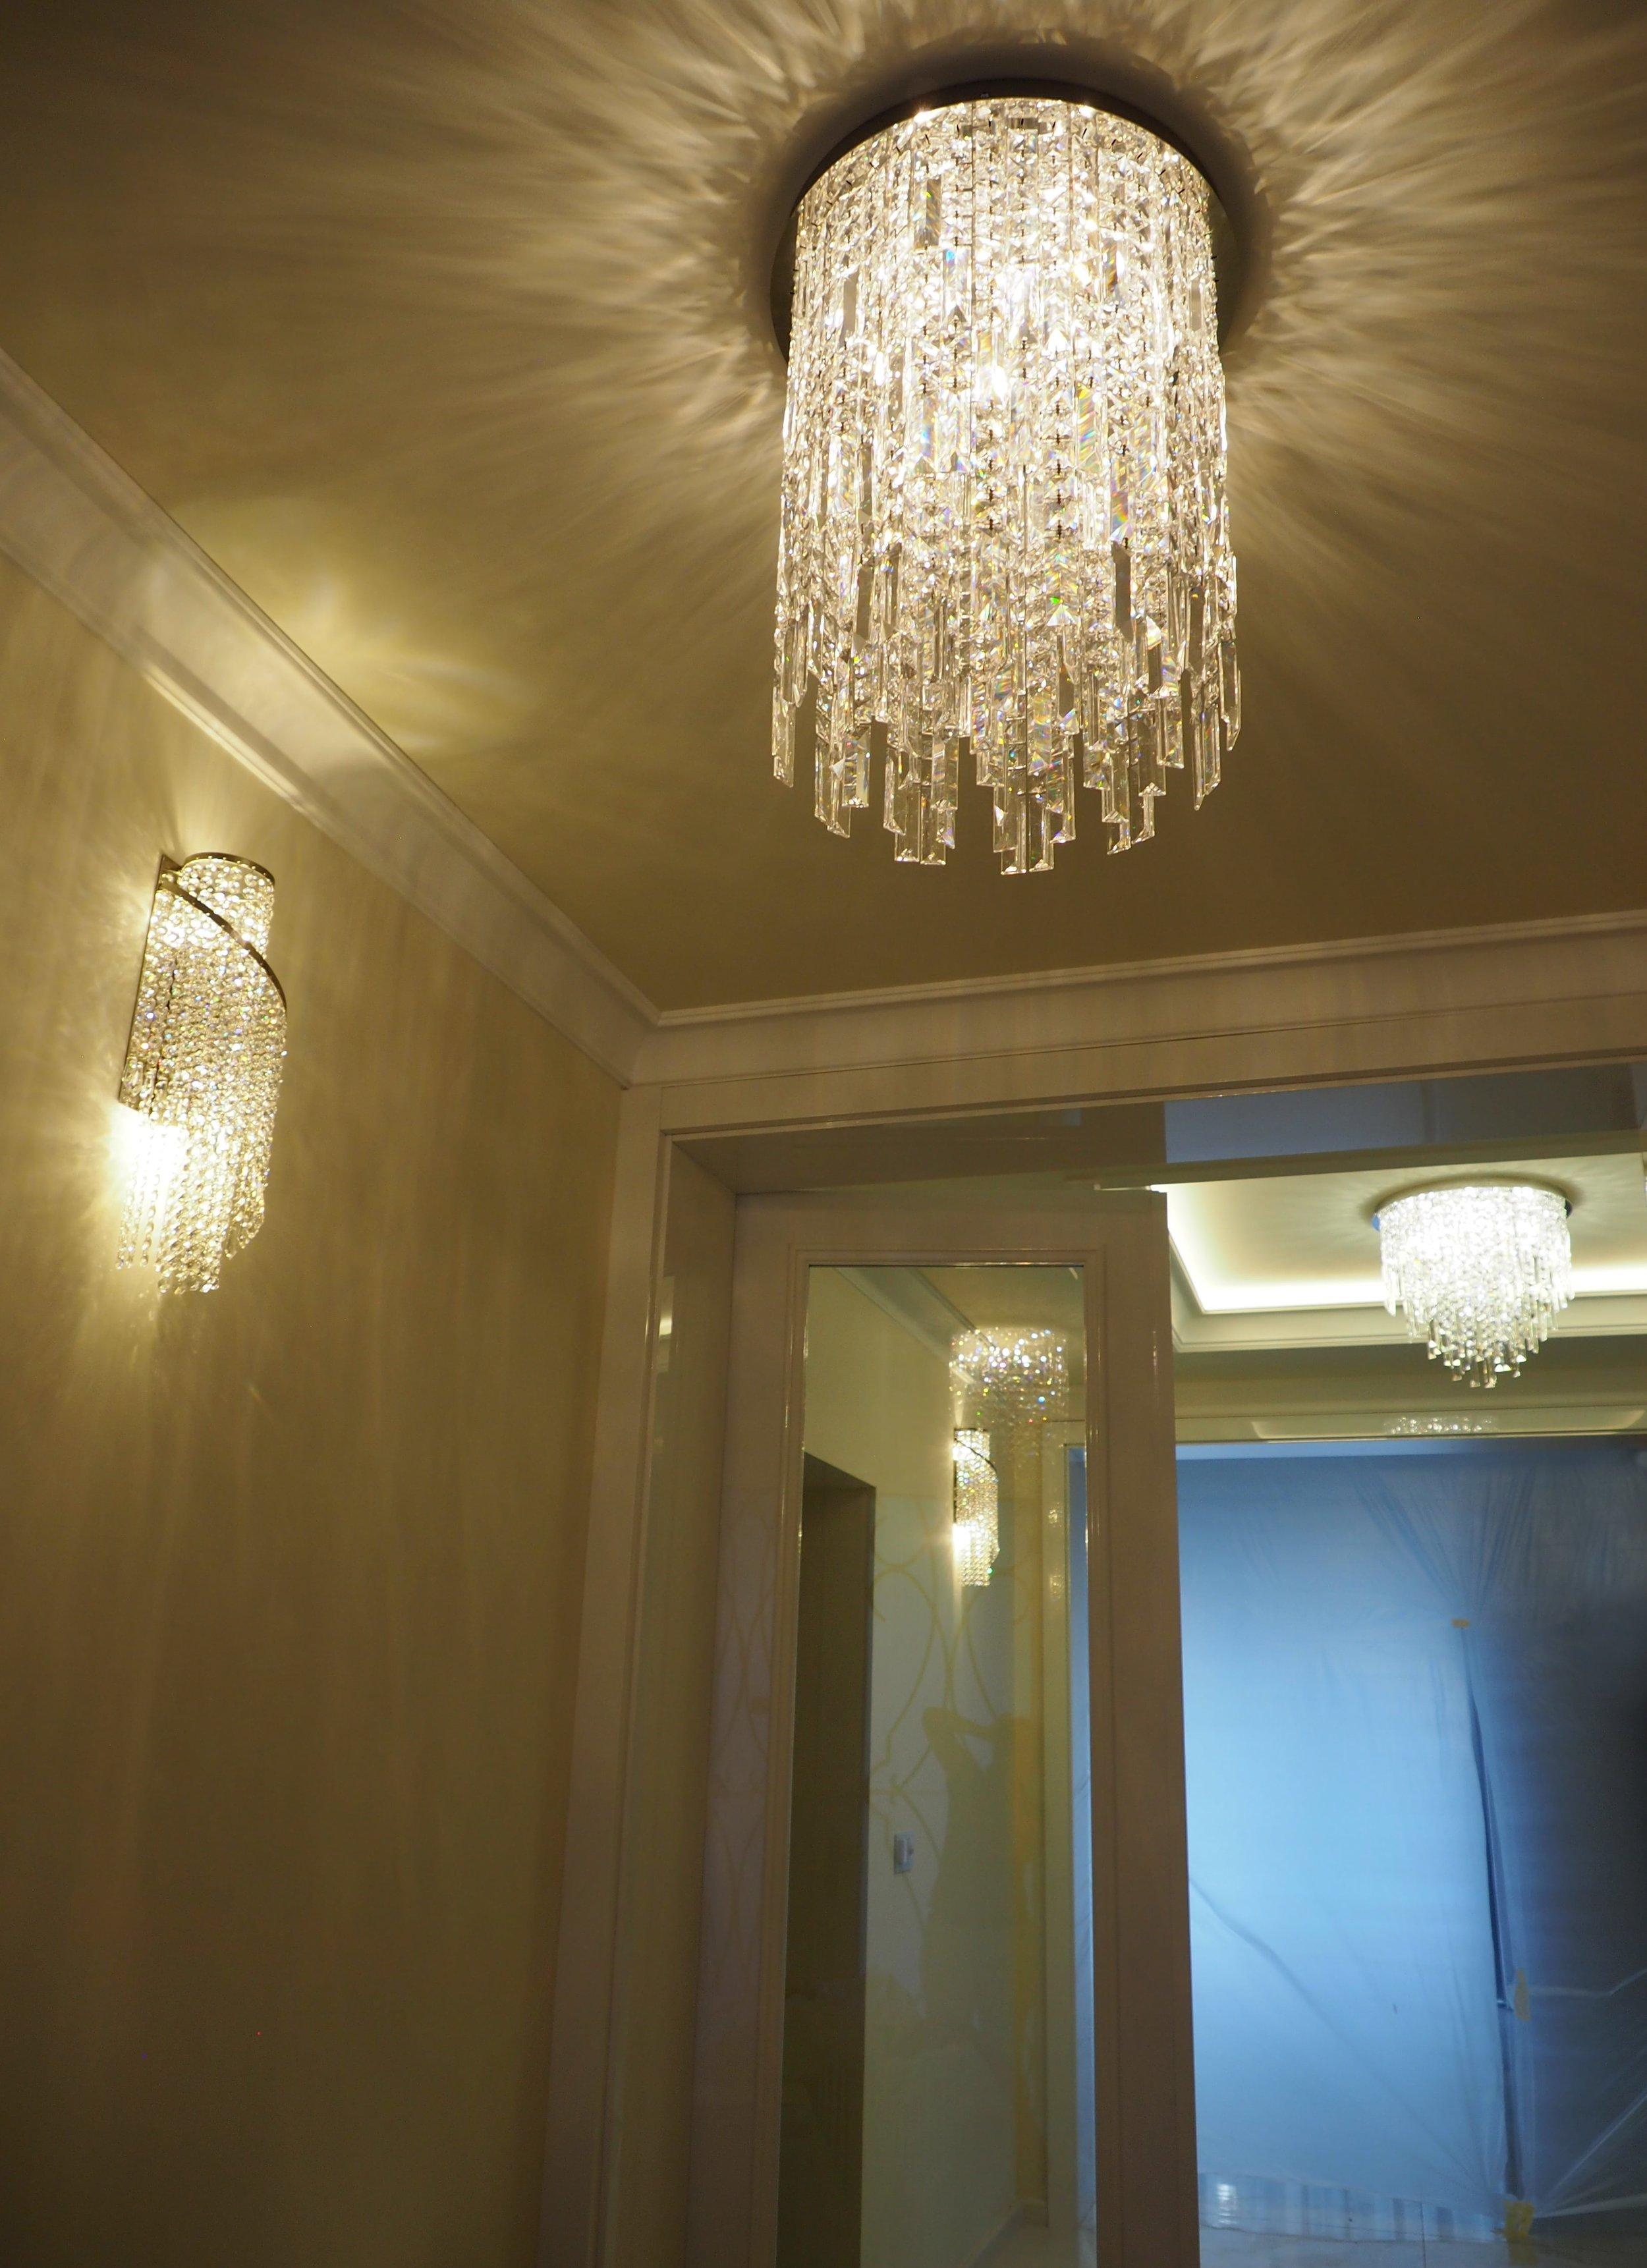 JWZ 315 - modern chandelier in interior b(14)-min.JPG